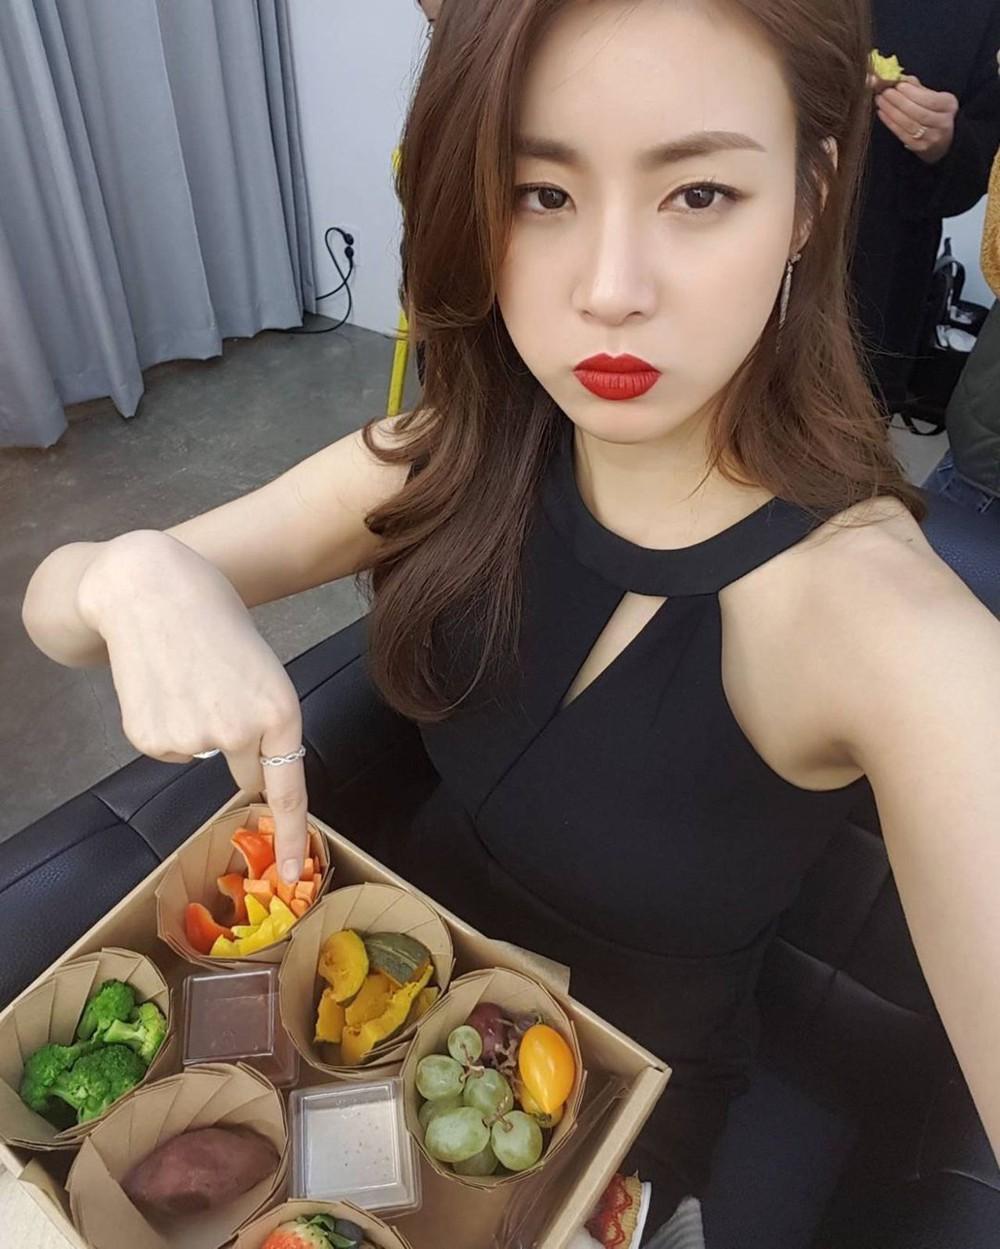 """Kang Sora giảm 20kg từ """"cô nàng đô con"""" mặc váy chật đến bục chỉ ngay trên thảm đỏ, lột xác thành mỹ nhân có đôi chân đẹp nhất xứ Hàn - Ảnh 4."""